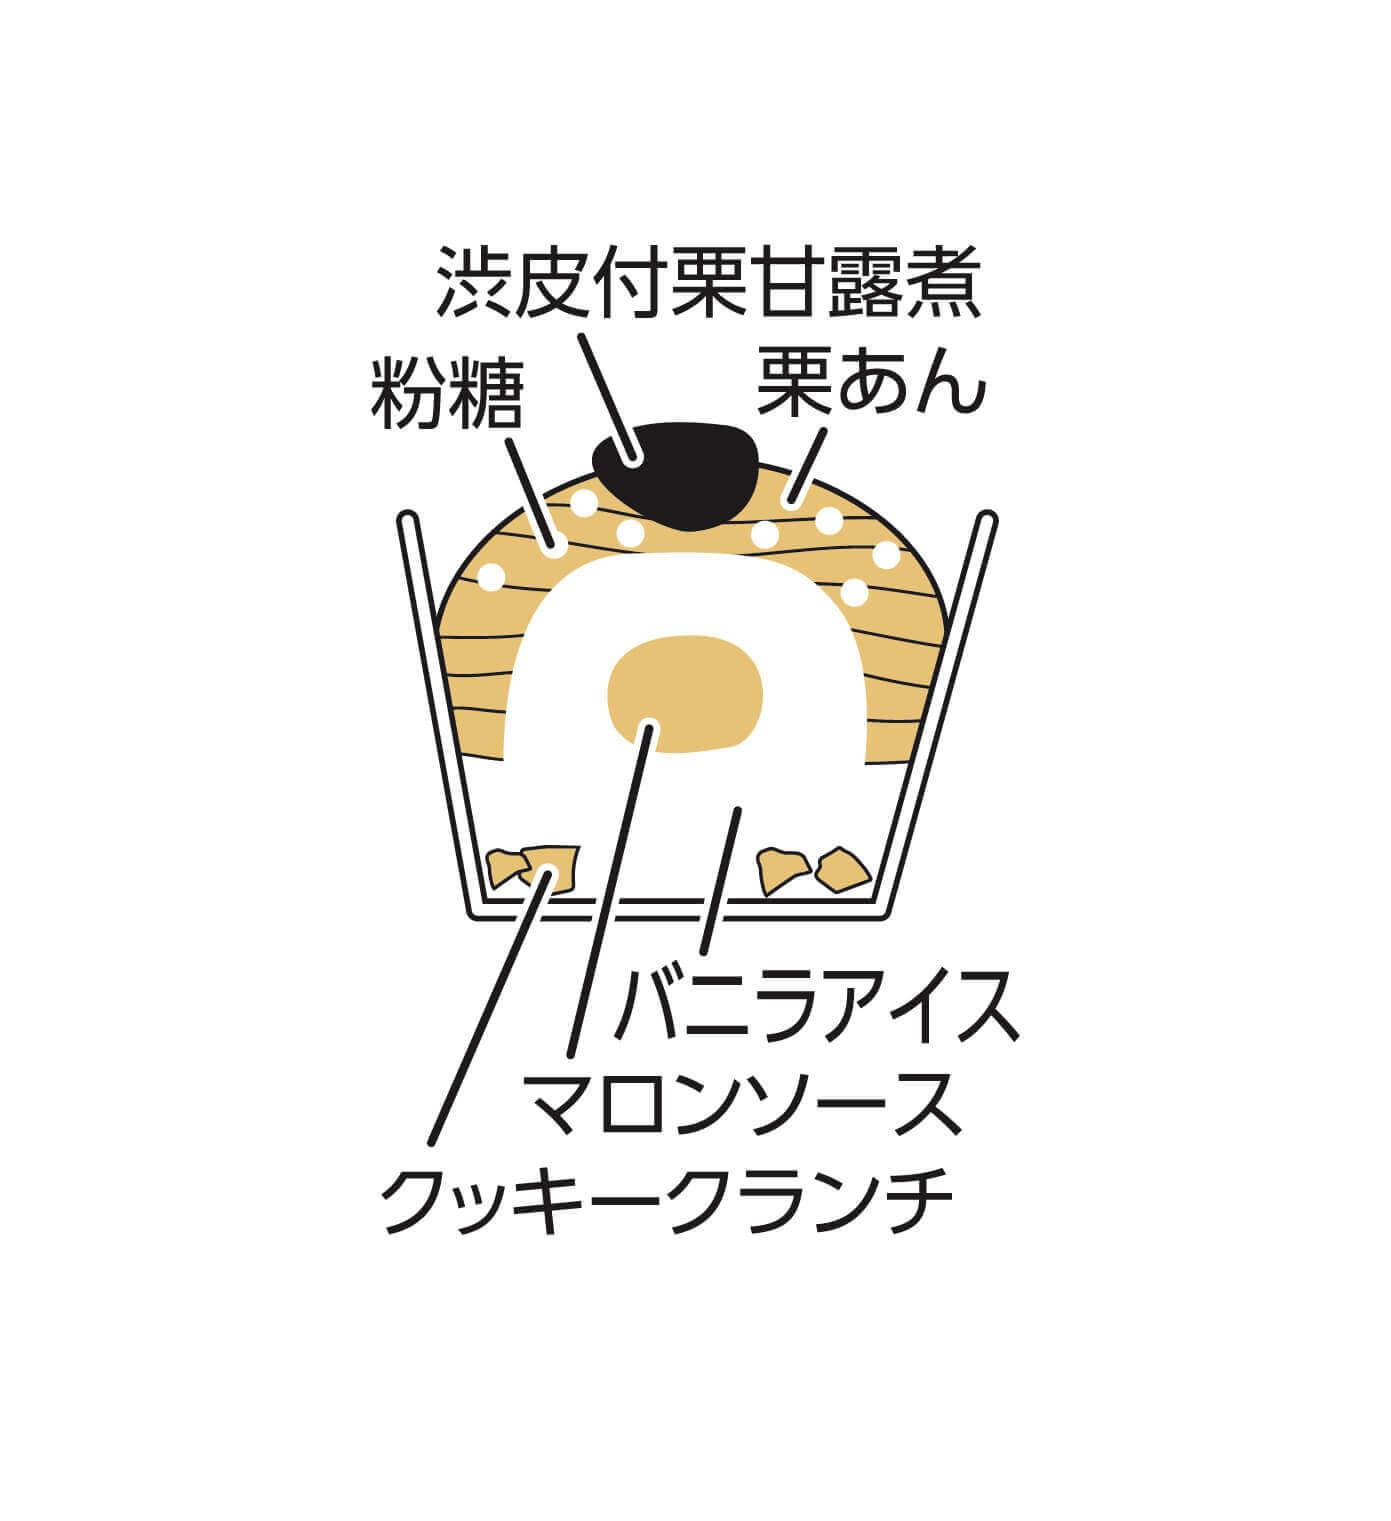 井村屋『モンブランアイス』の構成